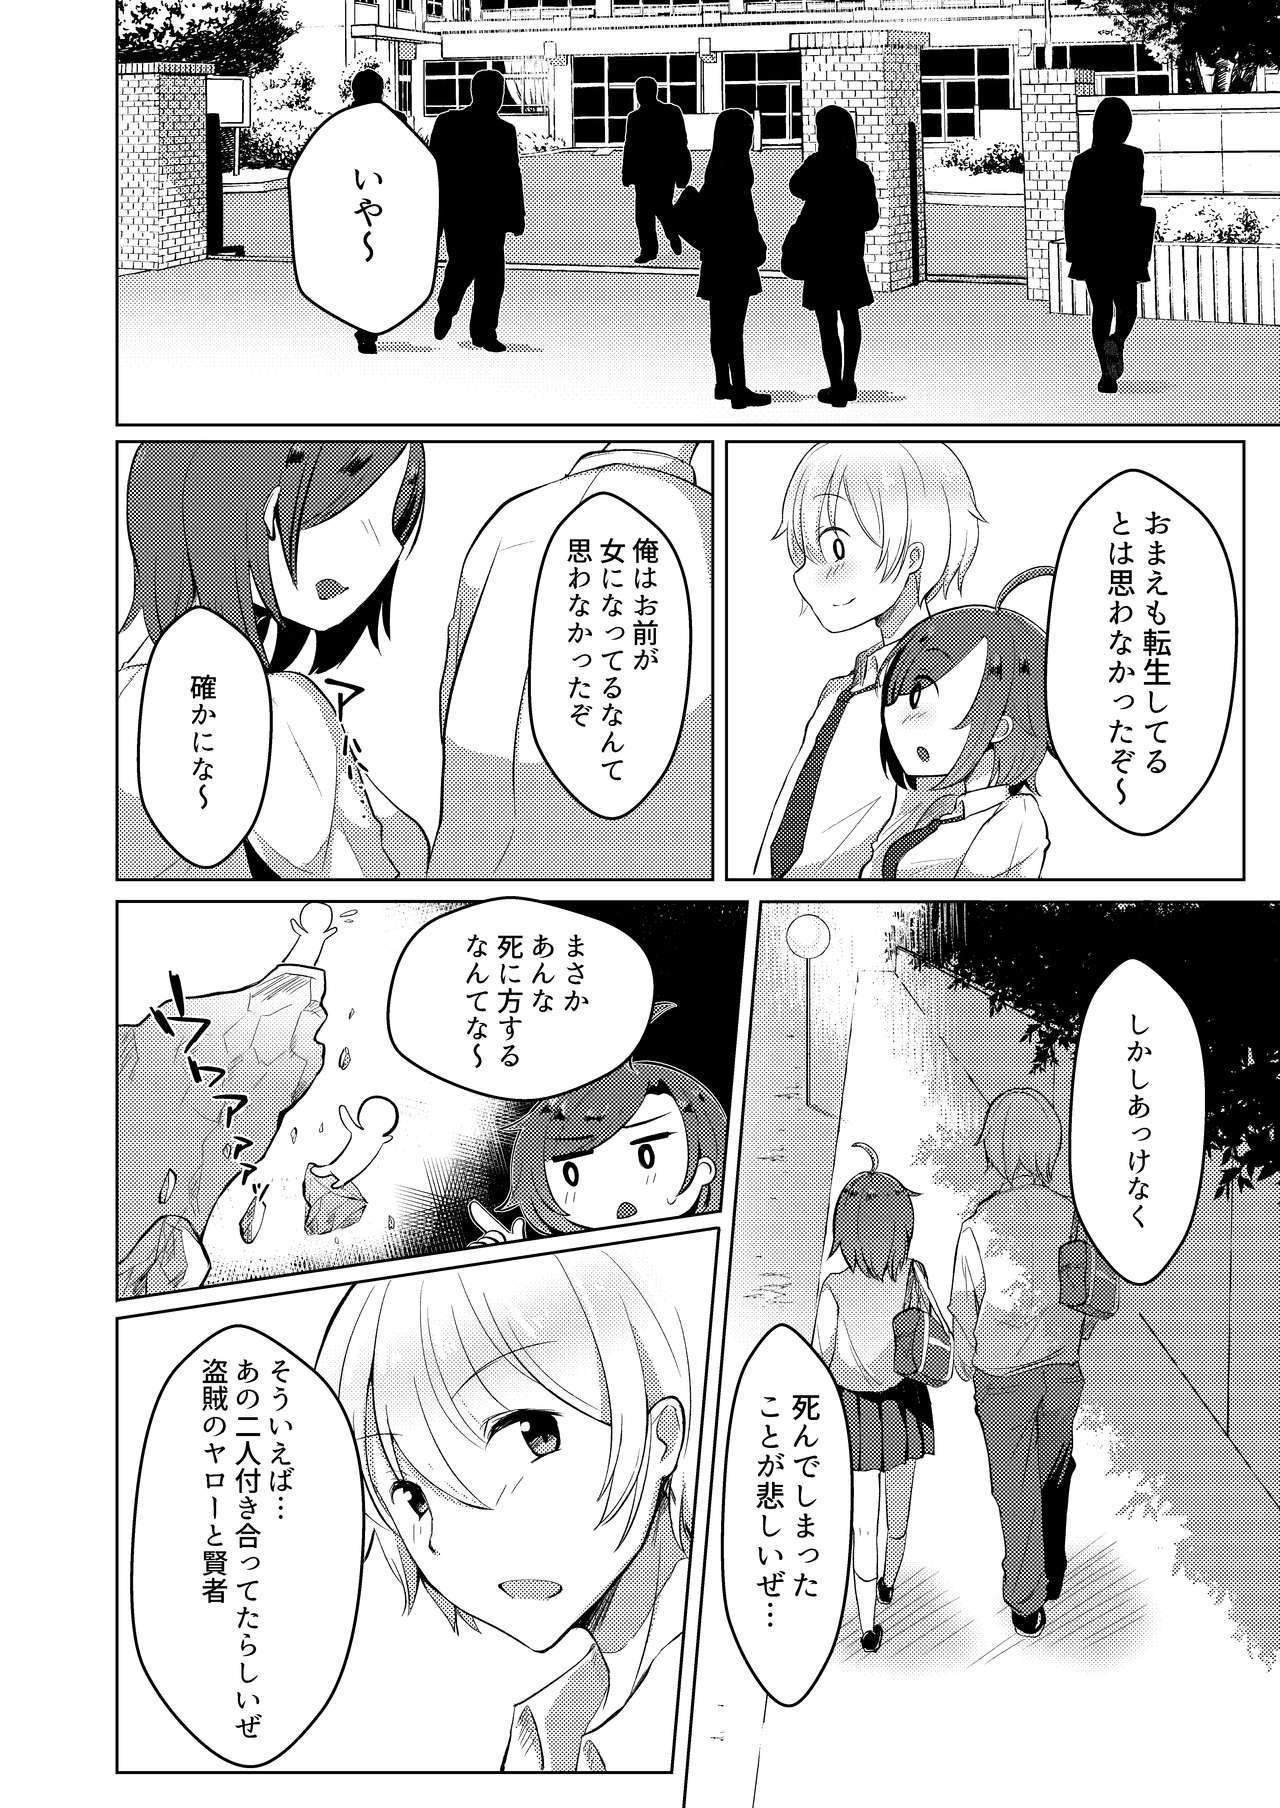 Transgender Tensei Shite JK ni Narimashita 11